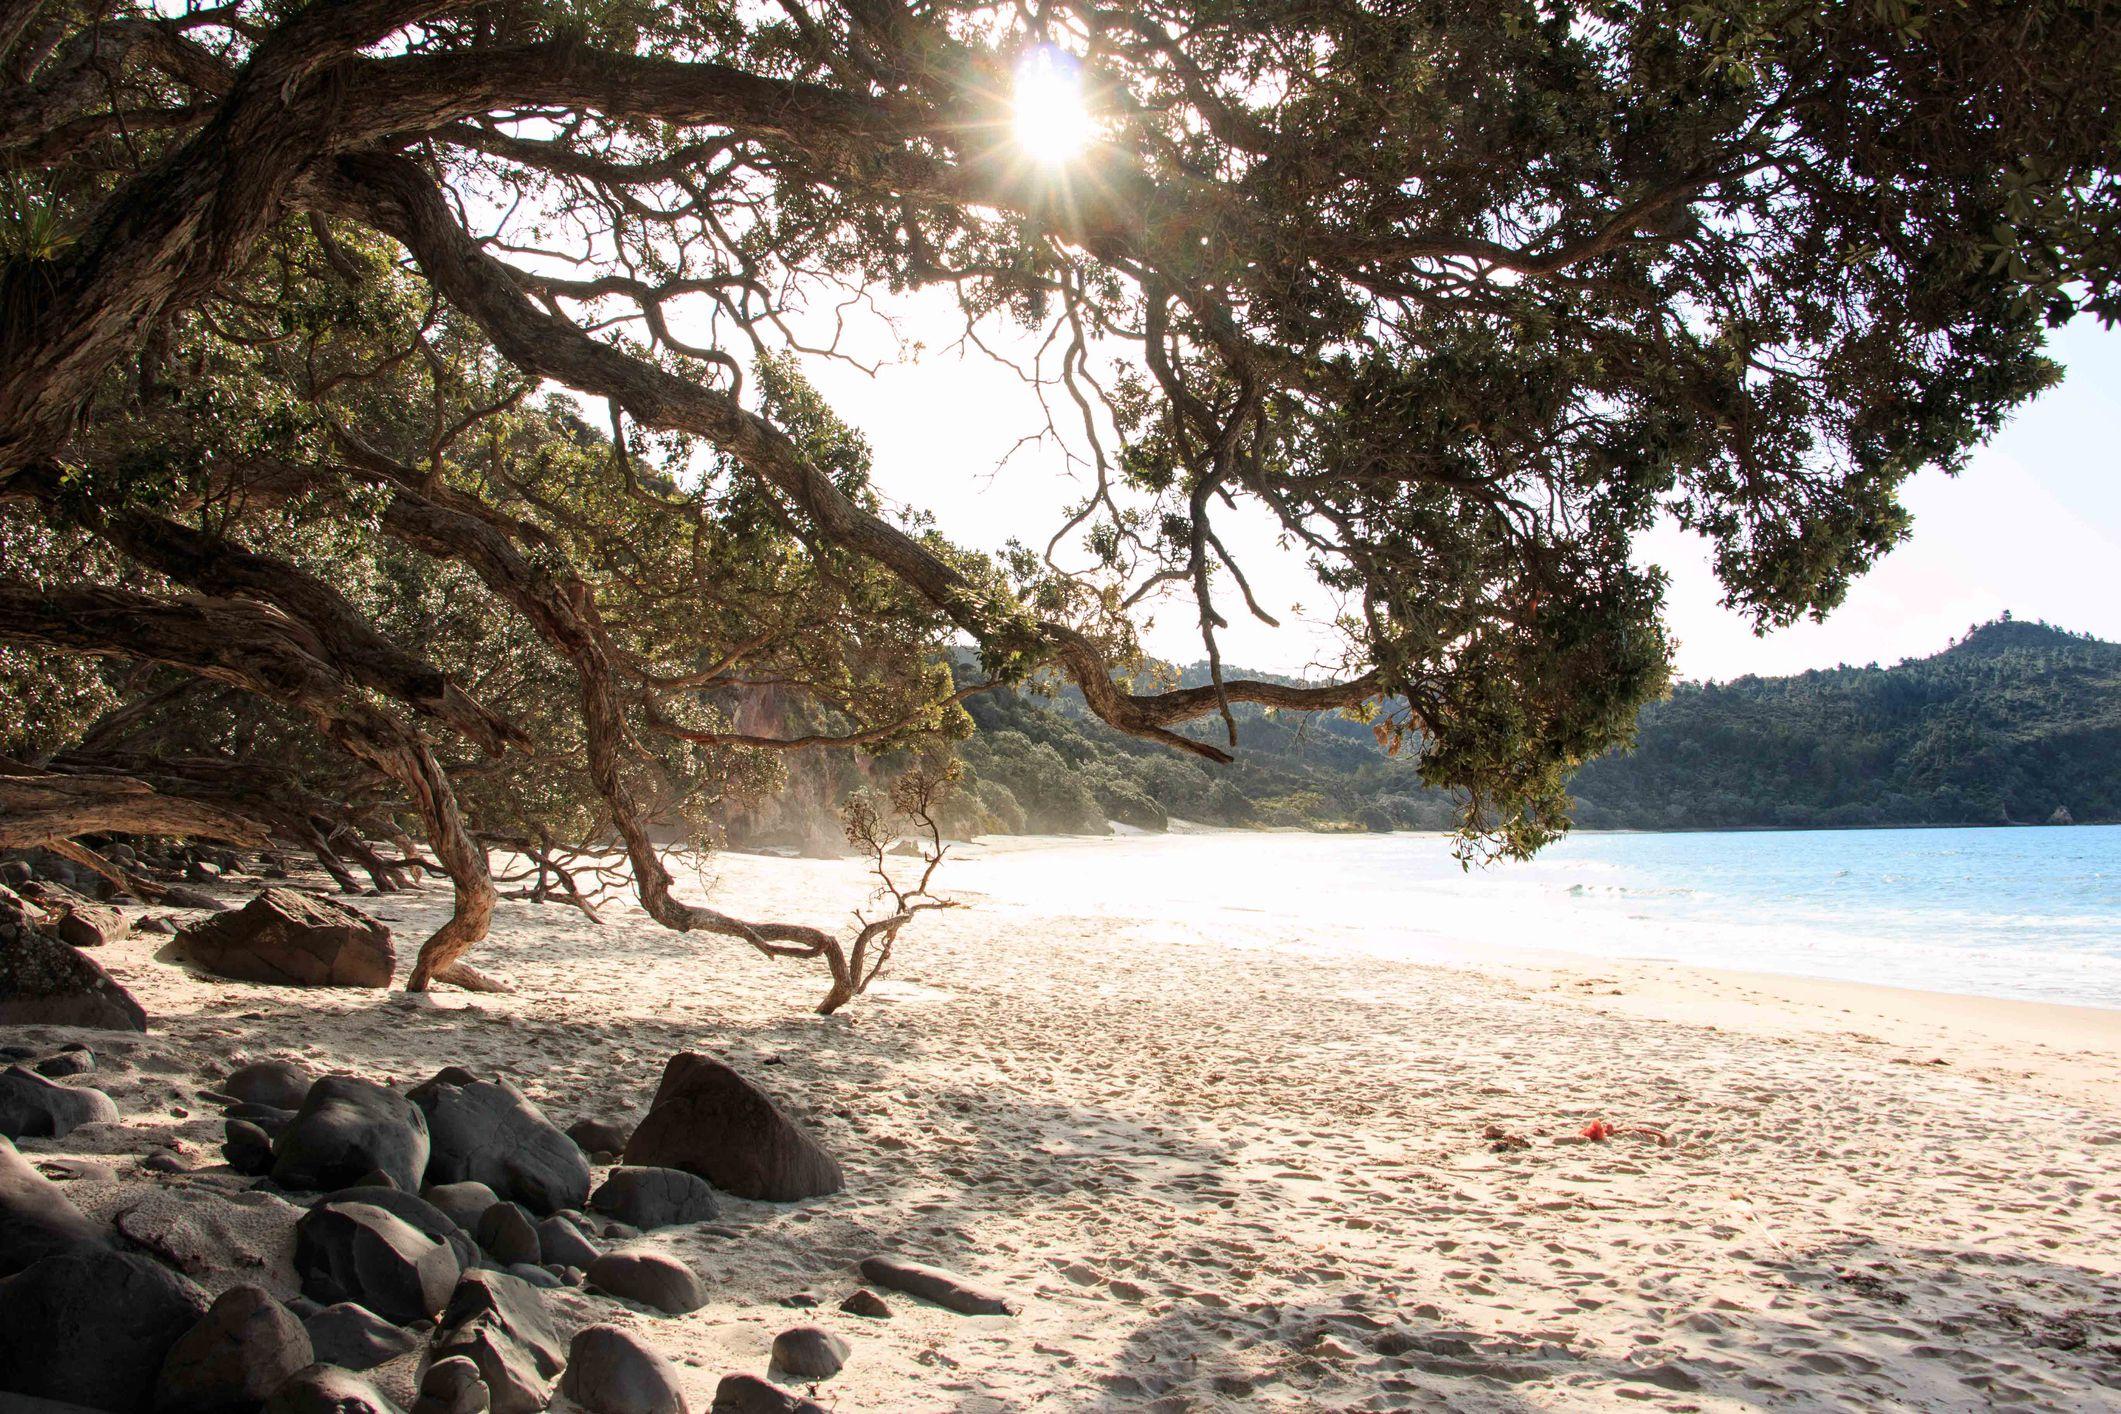 New Chums Beach, New Zealand